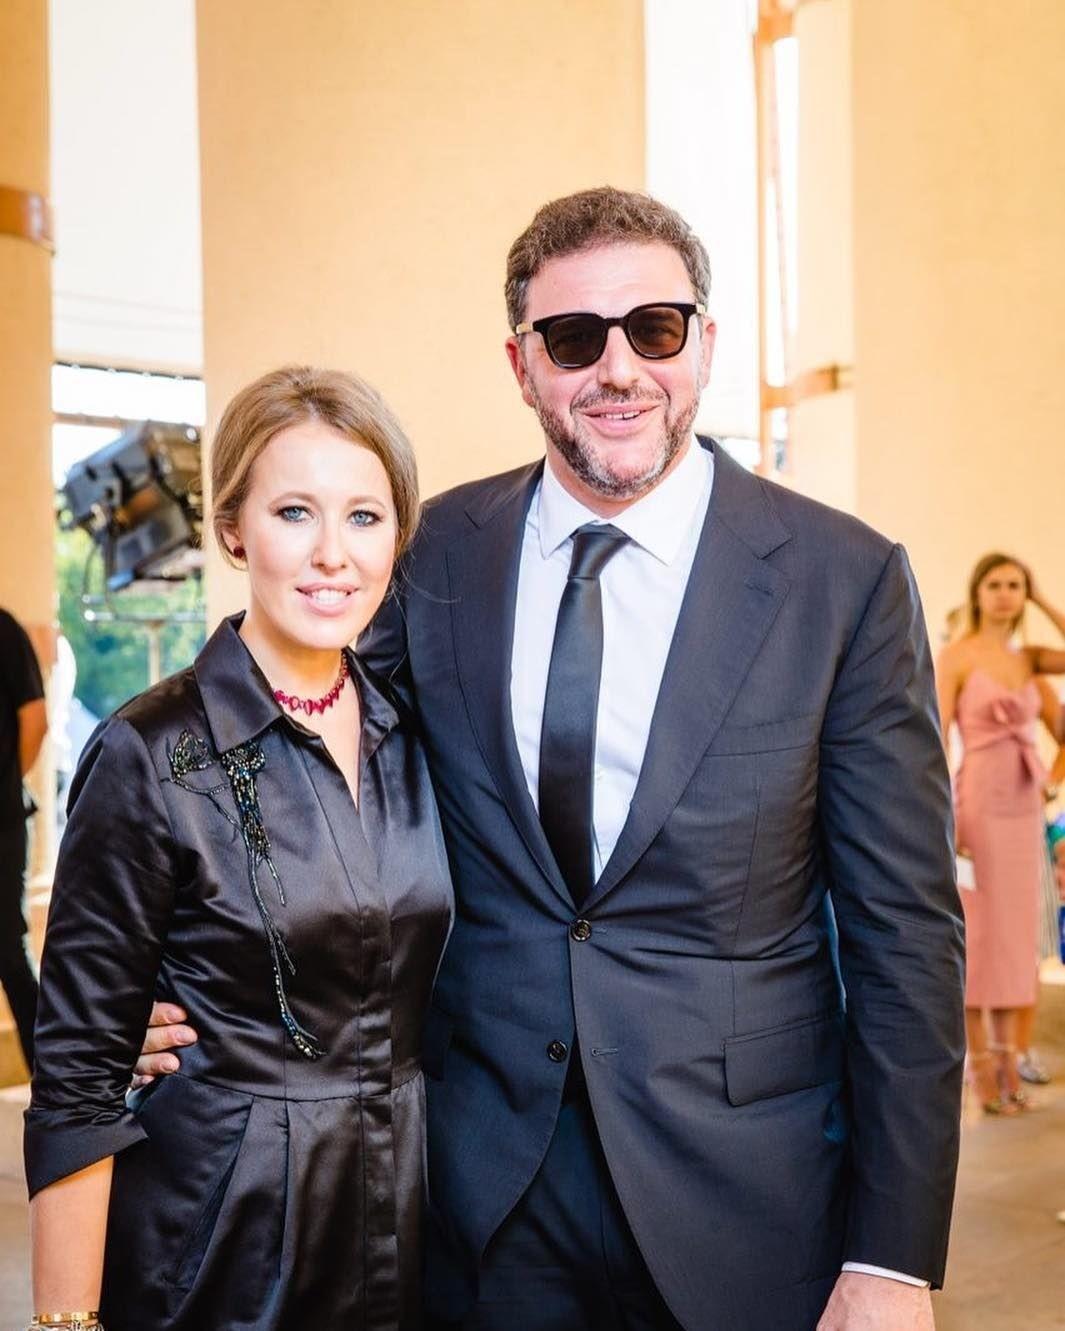 Ксения Собчак и Максим Виторган отдыхают после развода